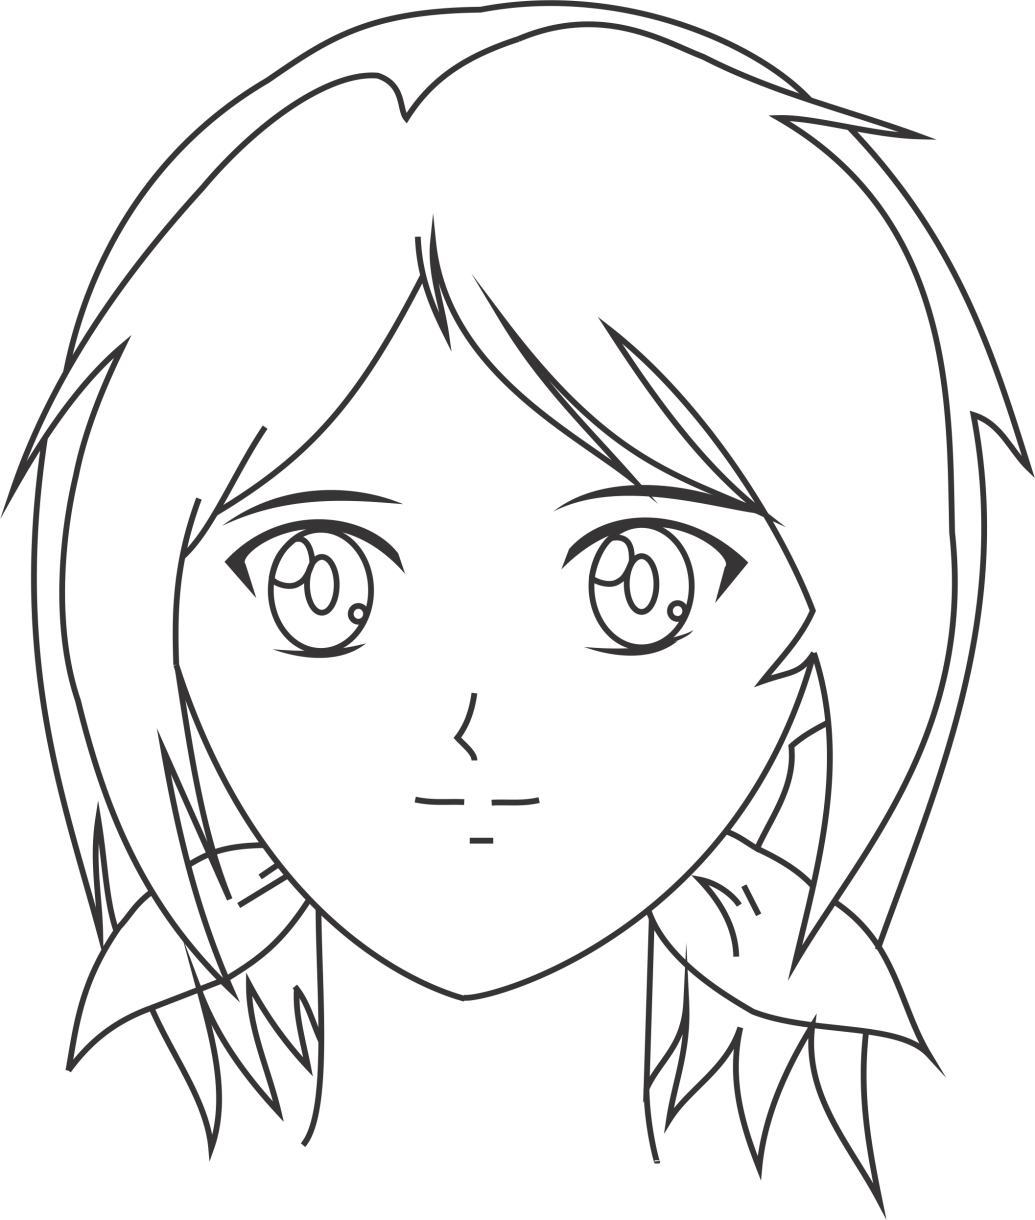 Cara Menggambar Anime Dengan Mudah Untuk Kamu Yang Masih Pemula